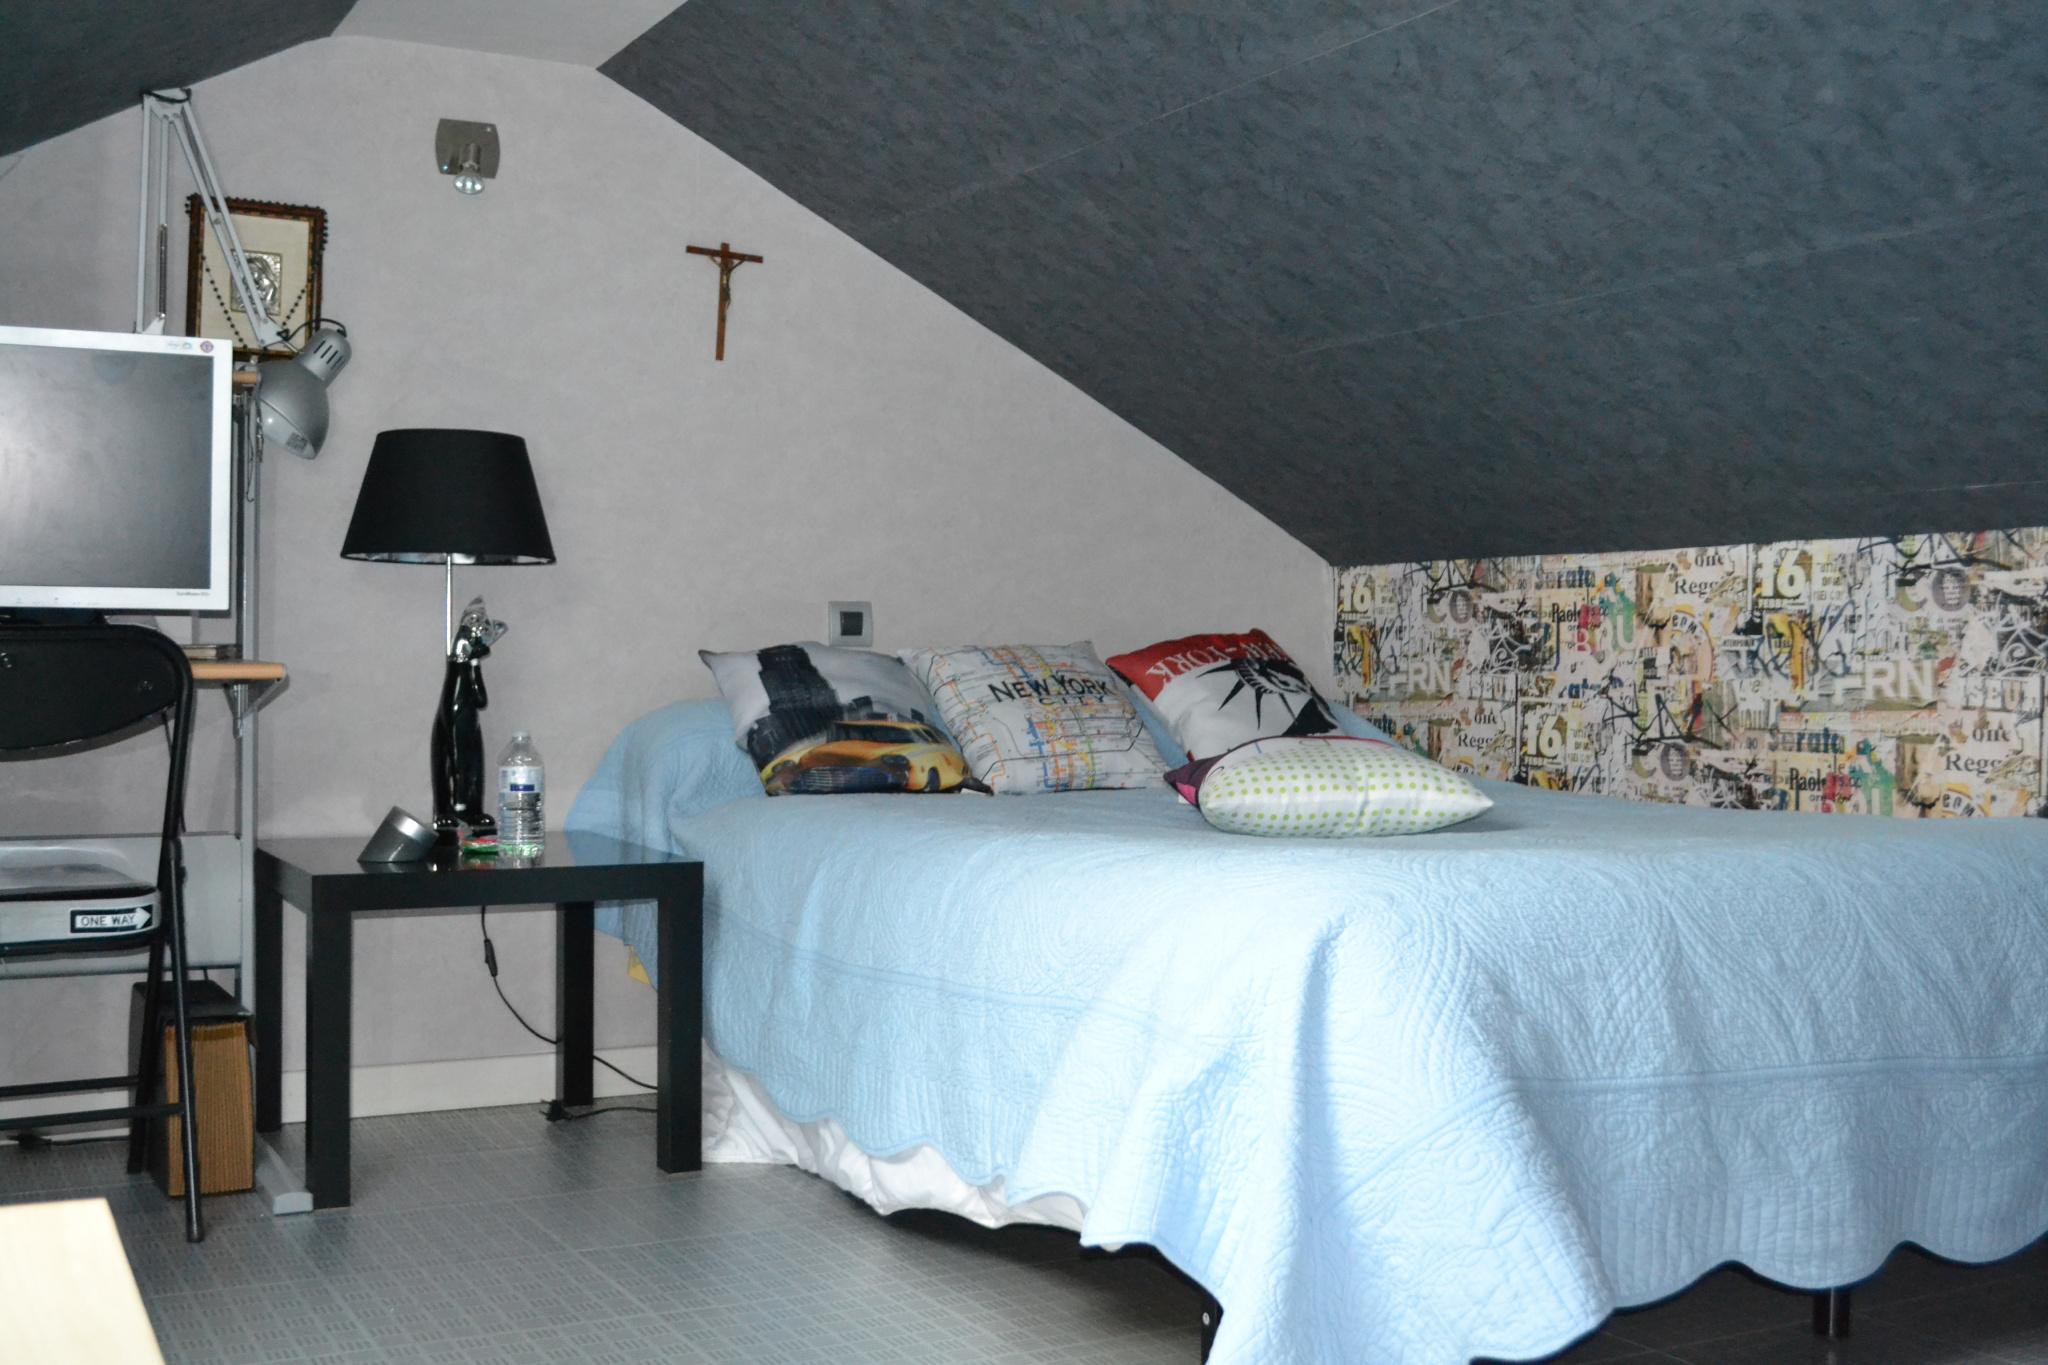 Vente maison/villa brazey en plaine ECOLE - DOCTEUR - PHARMACIE - INTERMARCHE - BOULANGERIES - LA POSTE - POMPIER